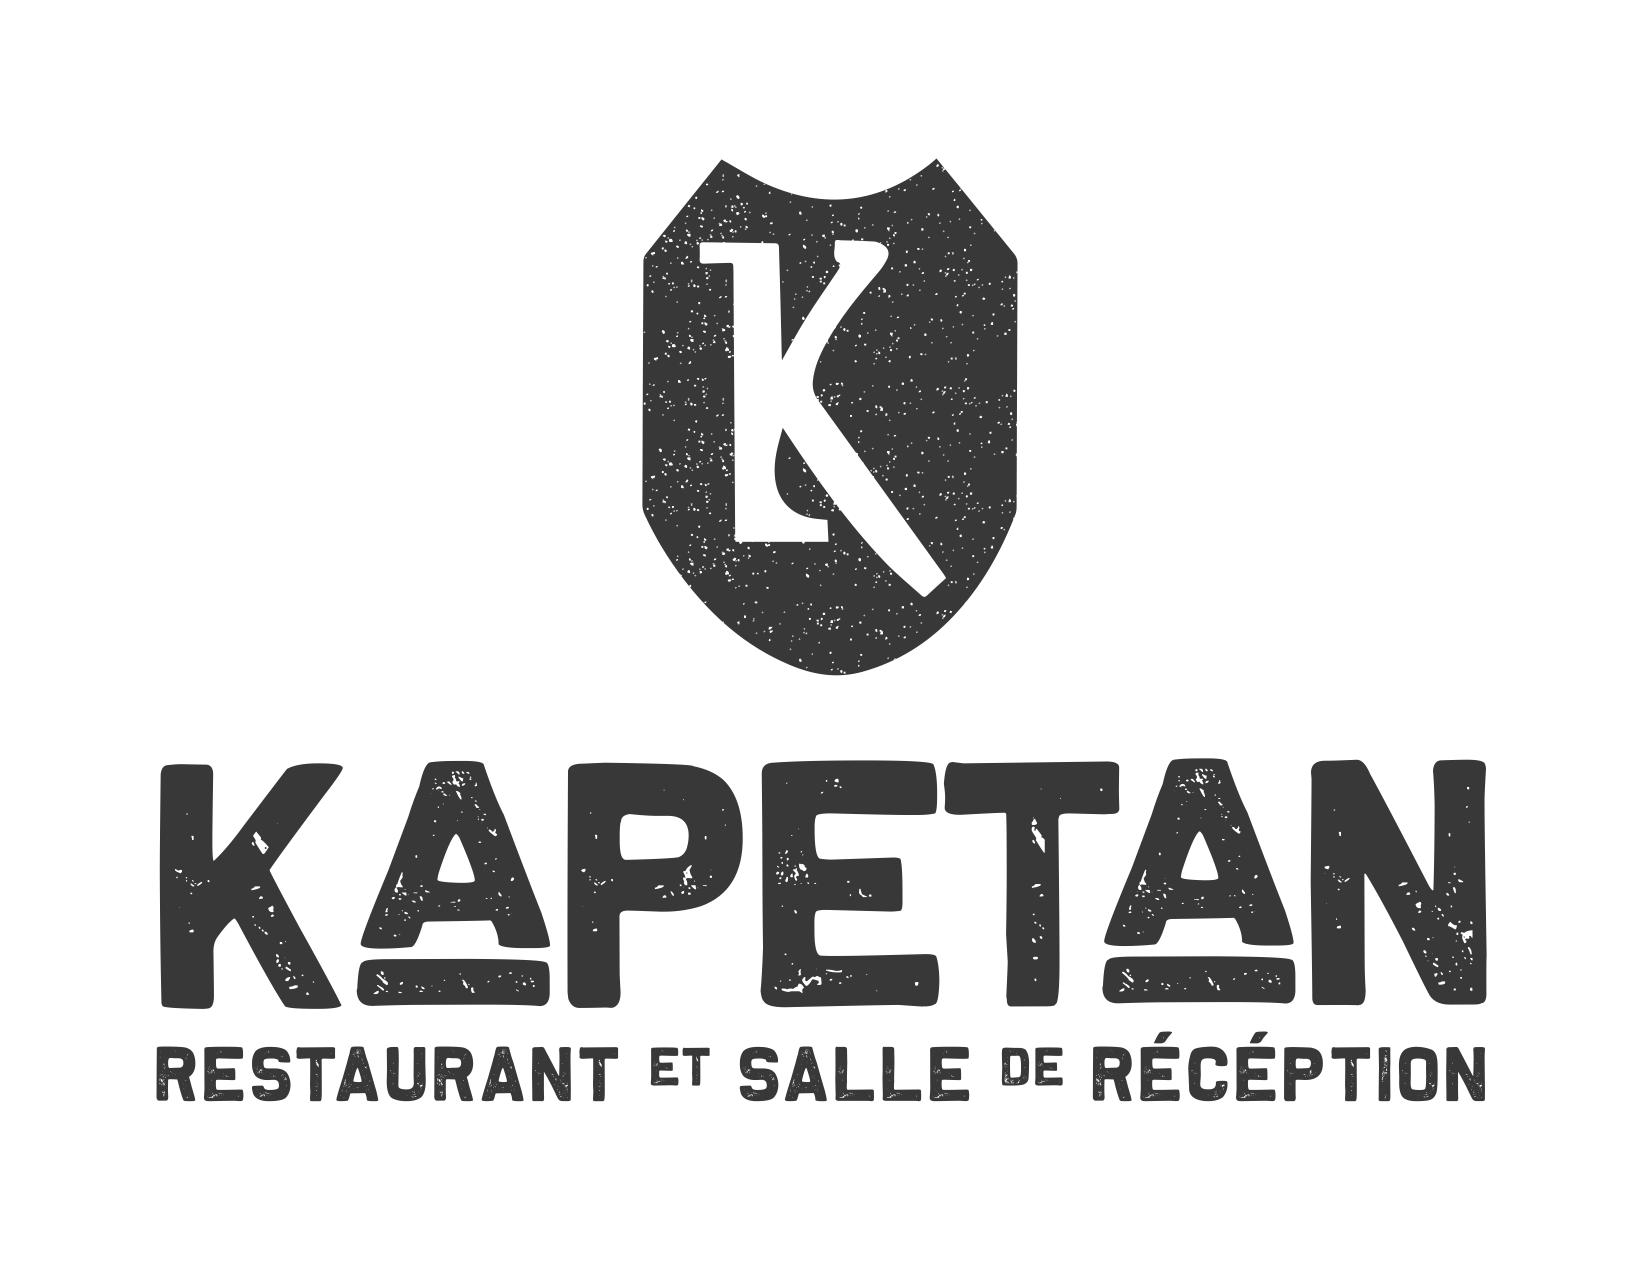 Restaurant Kapetan